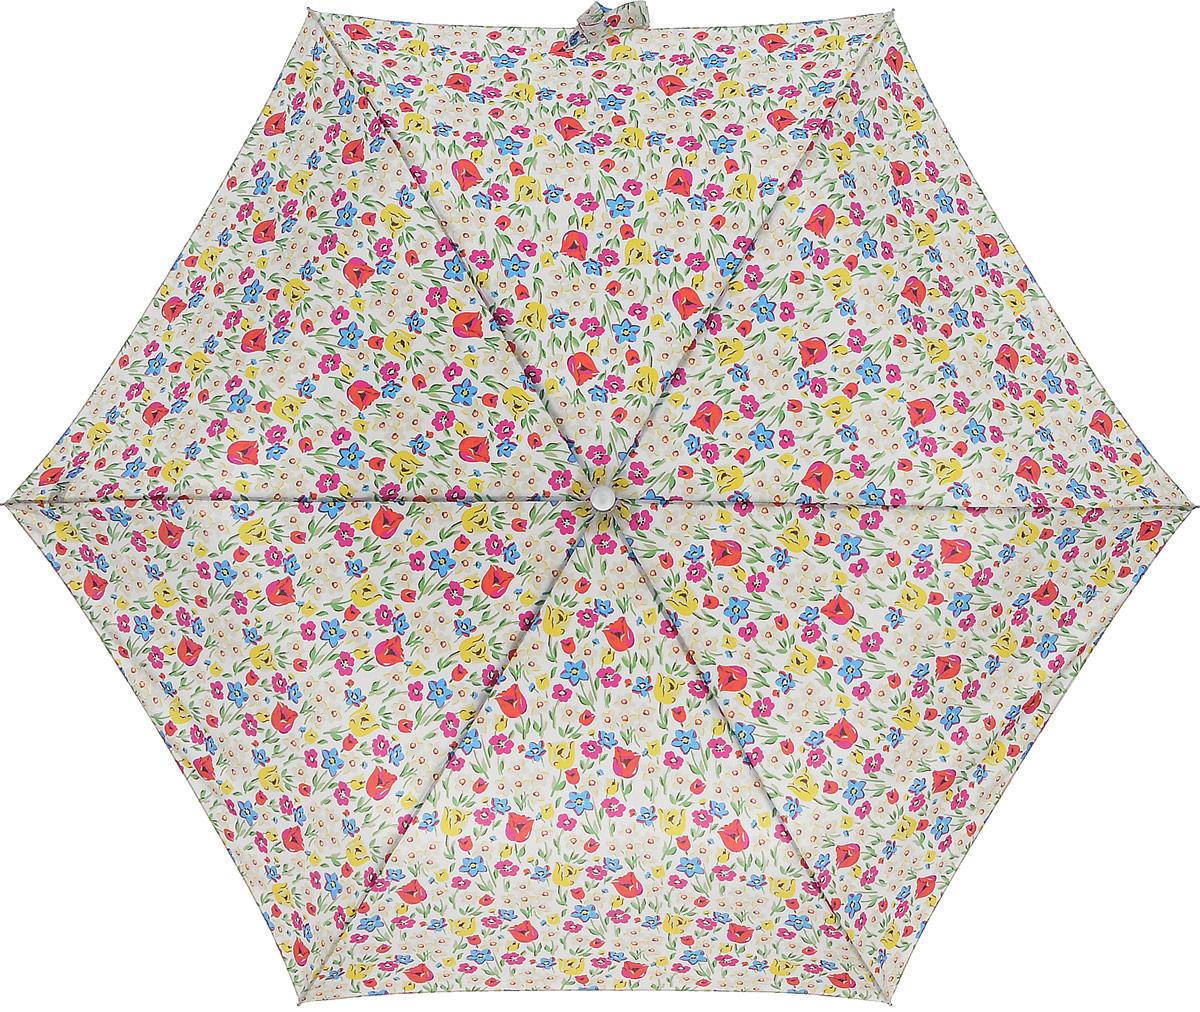 Зонт женский Cath Kidston Minilite, механический, 3 сложения, цвет: белый, мультиклор. L768-2952L768-2952 ParadiseFieldChalkСтильный механический зонт Cath Kidston Minilite в 3 сложения даже в ненастную погоду позволит вам оставаться элегантной. Облегченный каркас зонта выполнен из 8 спиц из фибергласса и алюминия, стержень также изготовлен из алюминия, удобная рукоятка - из пластика. Купол зонта выполнен из прочного полиэстера. В закрытом виде застегивается хлястиком на липучке. Яркий оригинальный цветочный принт поднимет настроение в дождливый день. Зонт механического сложения: купол открывается и закрывается вручную до характерного щелчка. На рукоятке для удобства есть небольшой шнурок, позволяющий надеть зонт на руку тогда, когда это будет необходимо. К зонту прилагается чехол с небольшой нашивкой с названием бренда. Такой зонт компактно располагается в кармане, сумочке, дверке автомобиля.